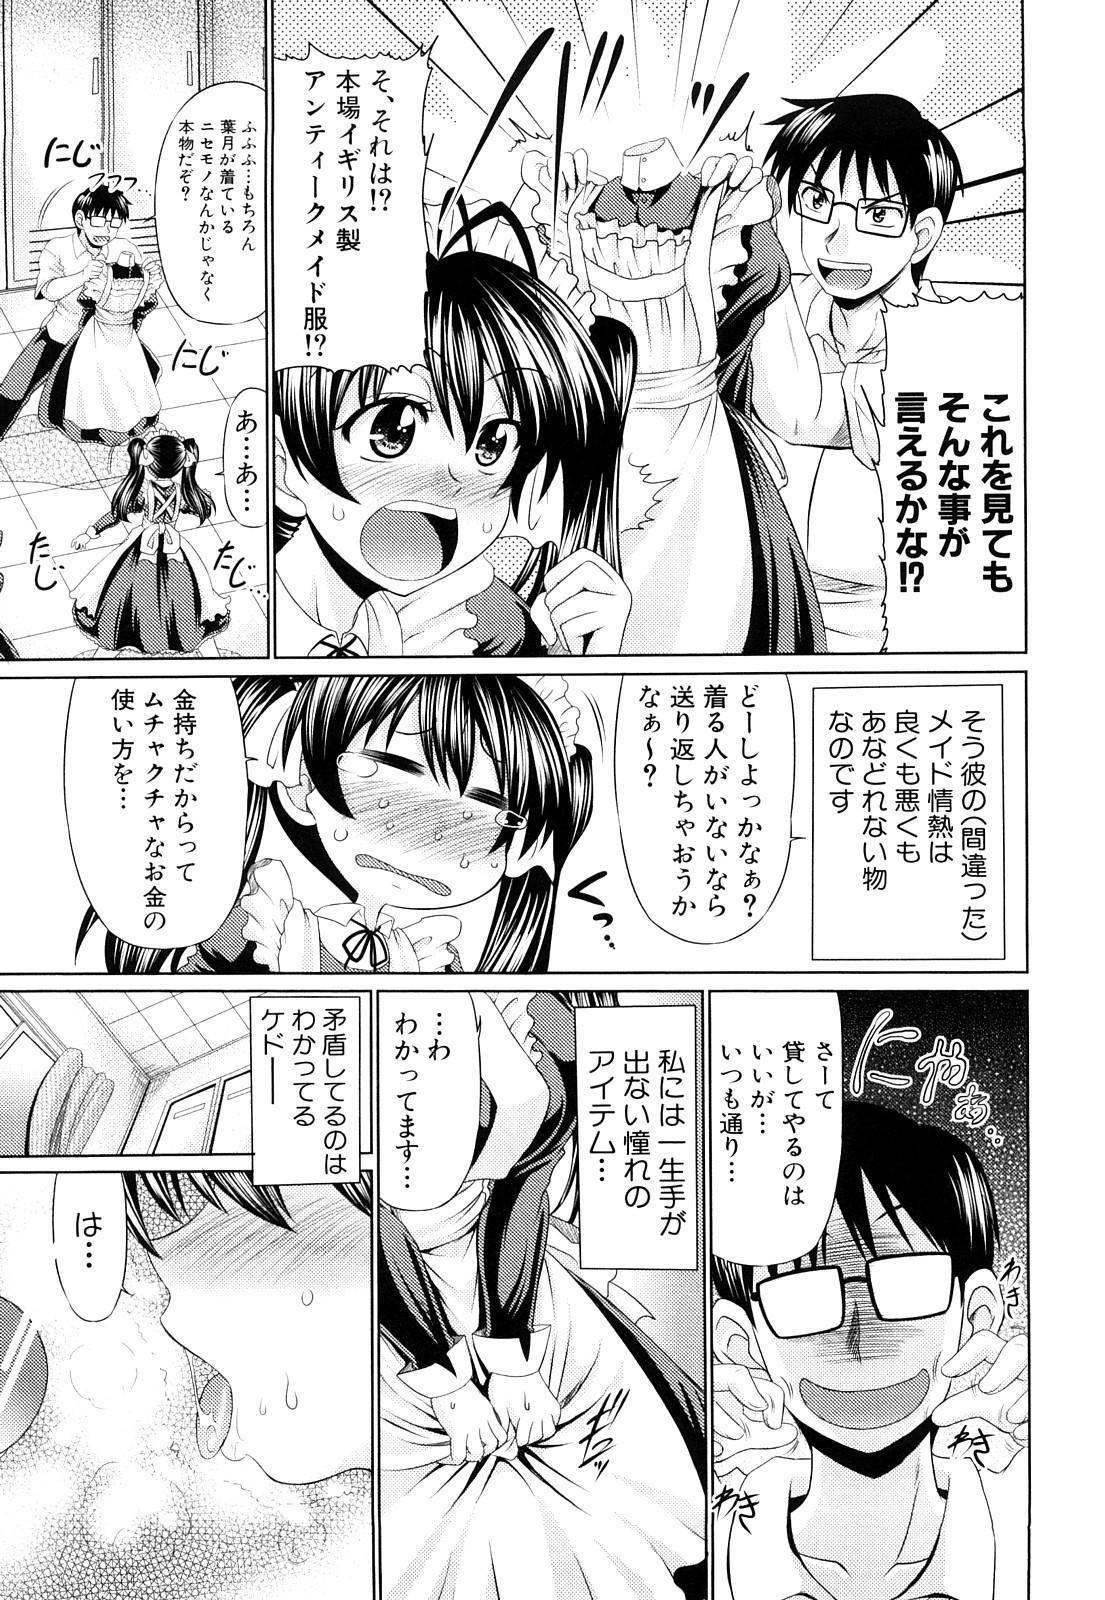 Nikuyoku Analyze 85